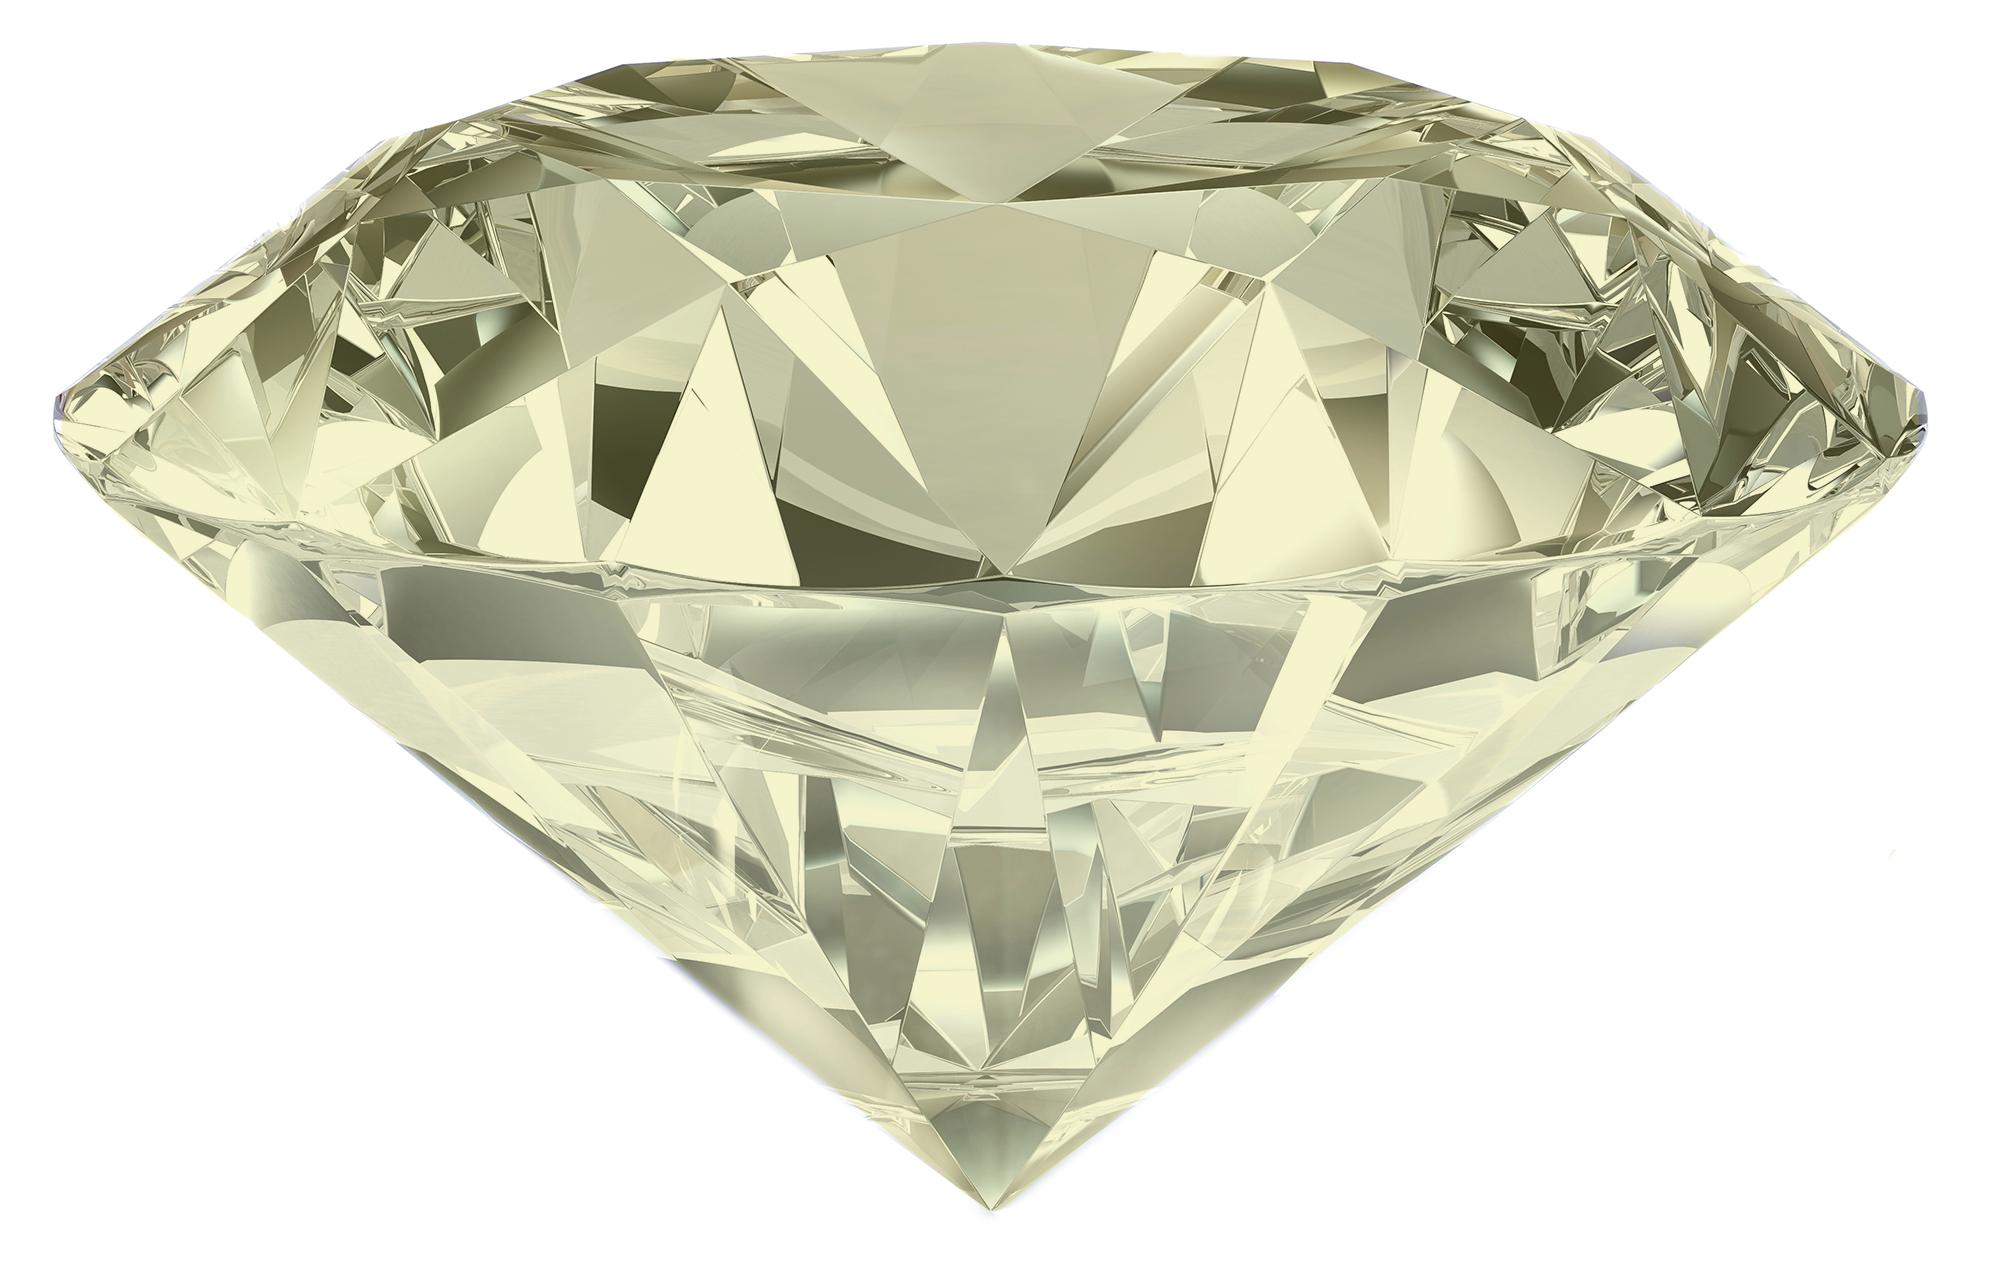 Diamond Guide - Cut, Clarity, Carat, & Color